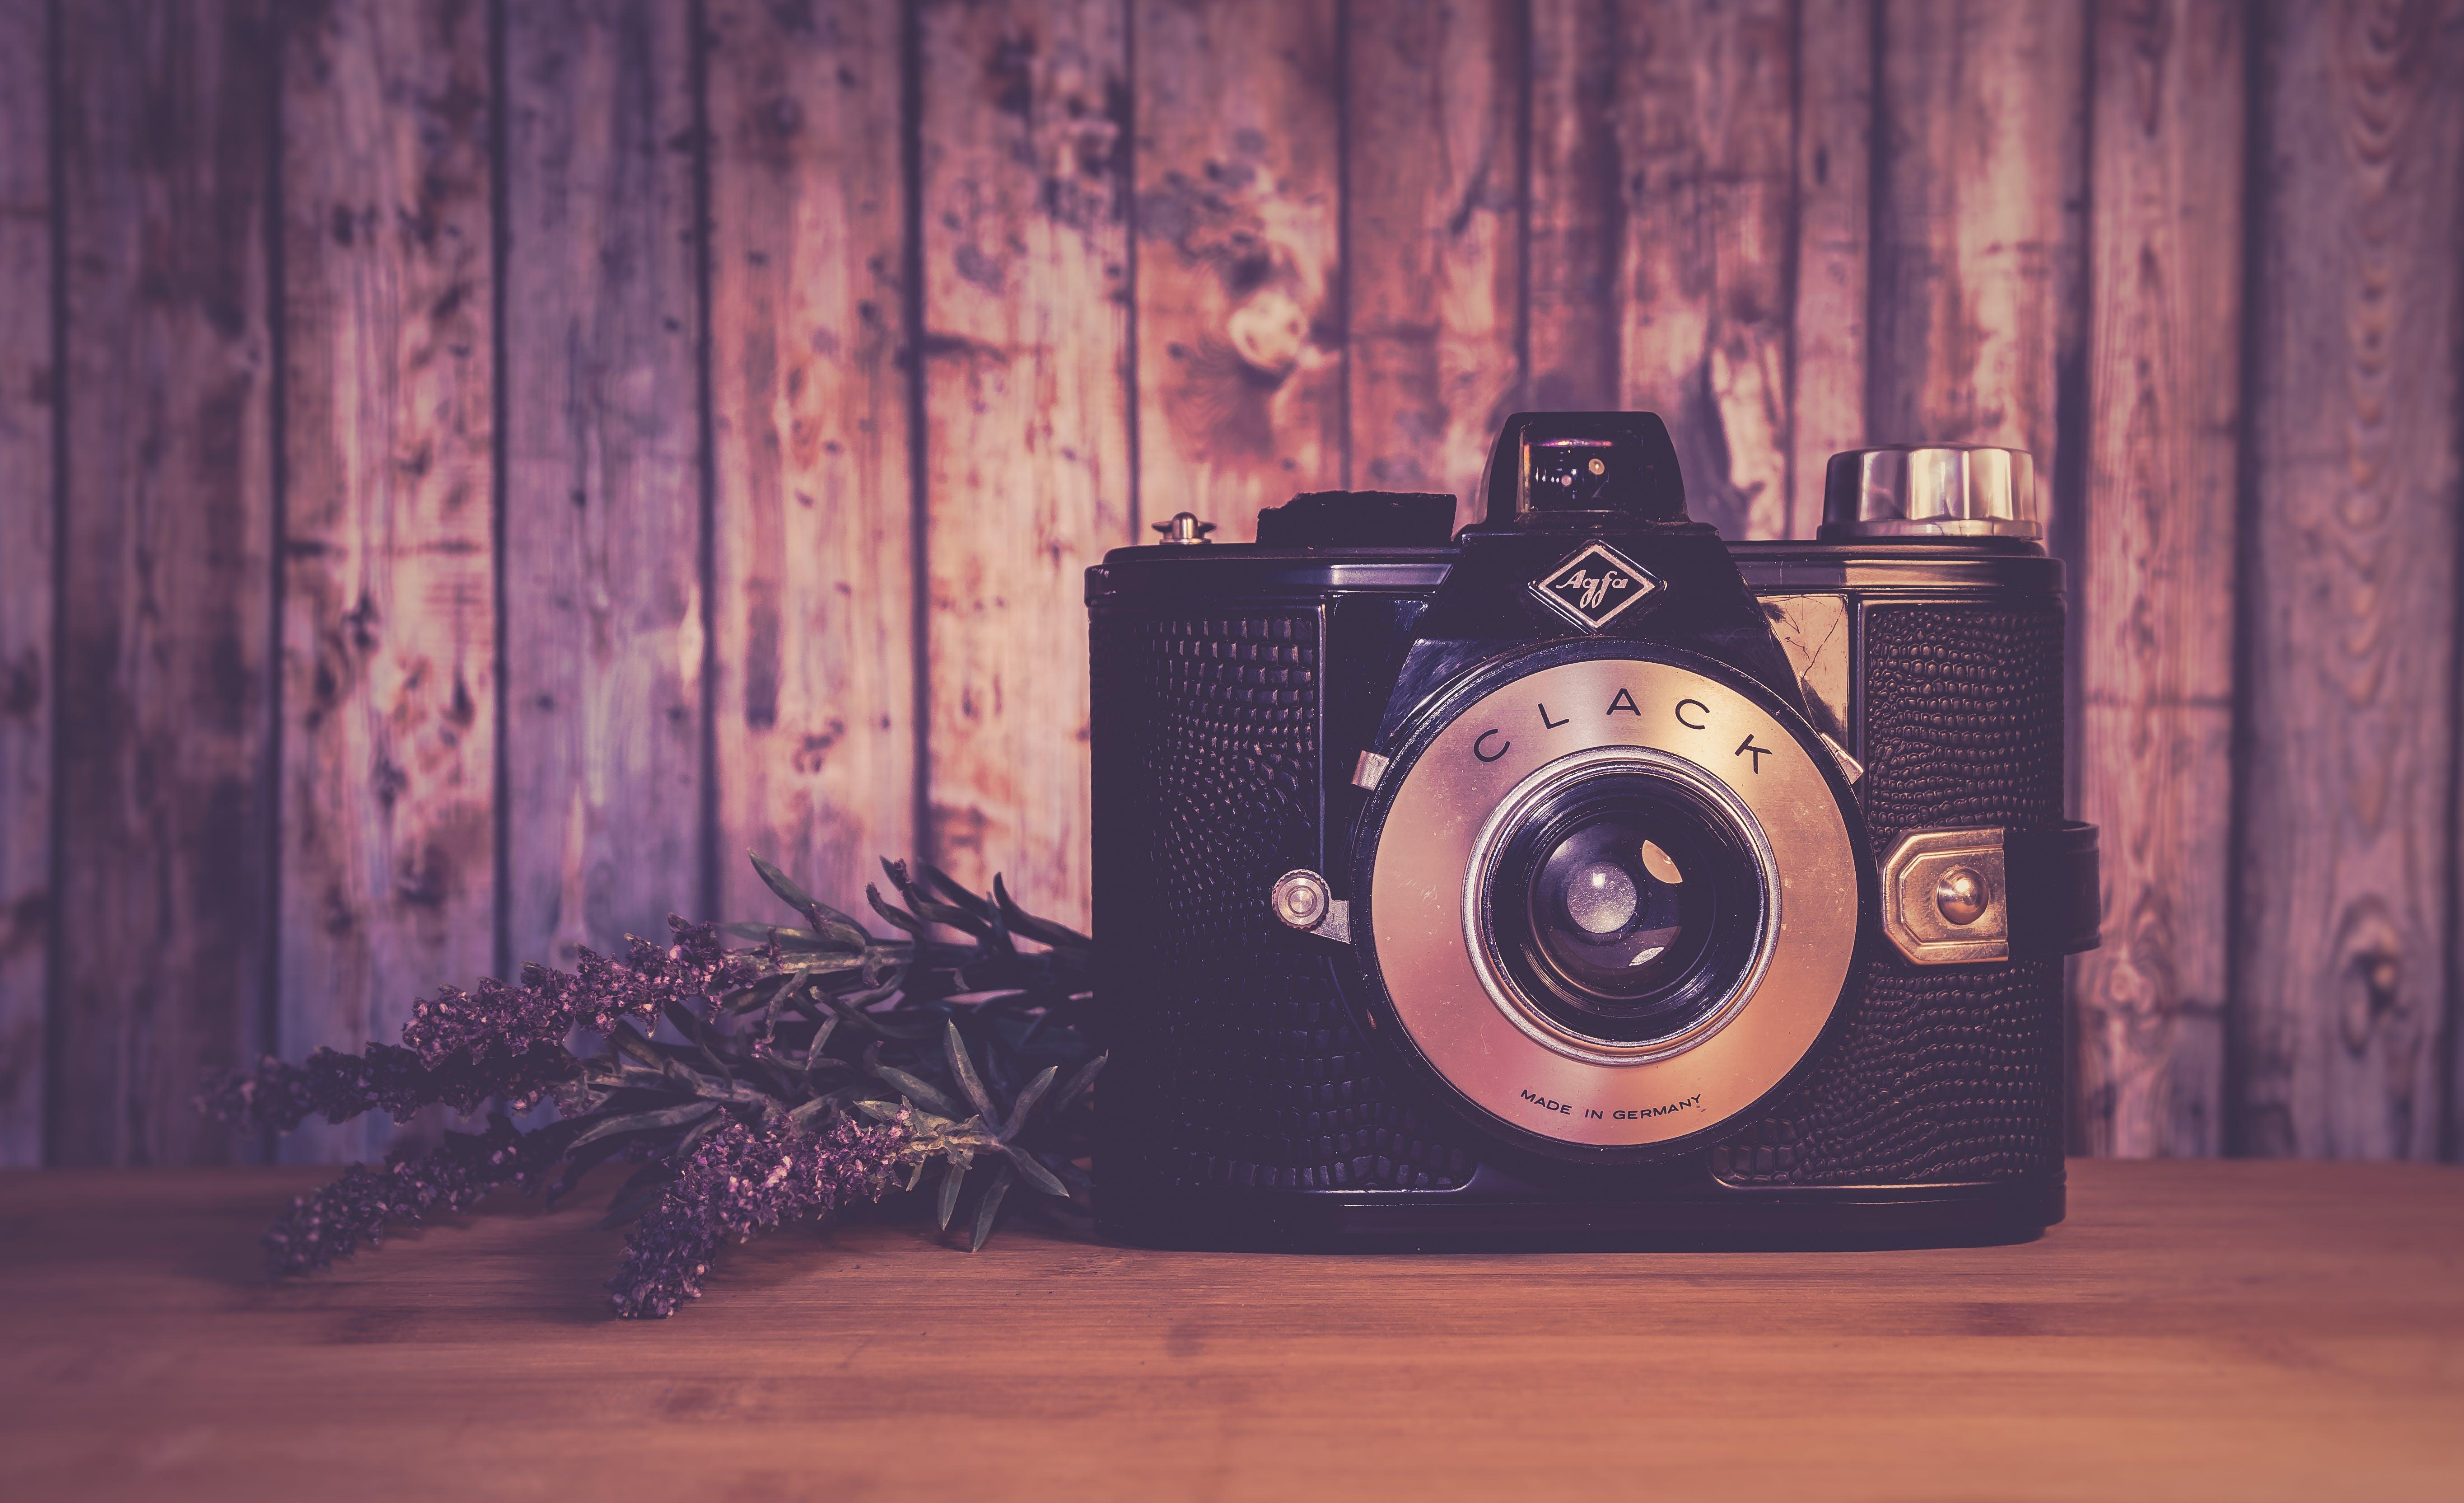 açık, açıklık, ahşap, Antik içeren Ücretsiz stok fotoğraf